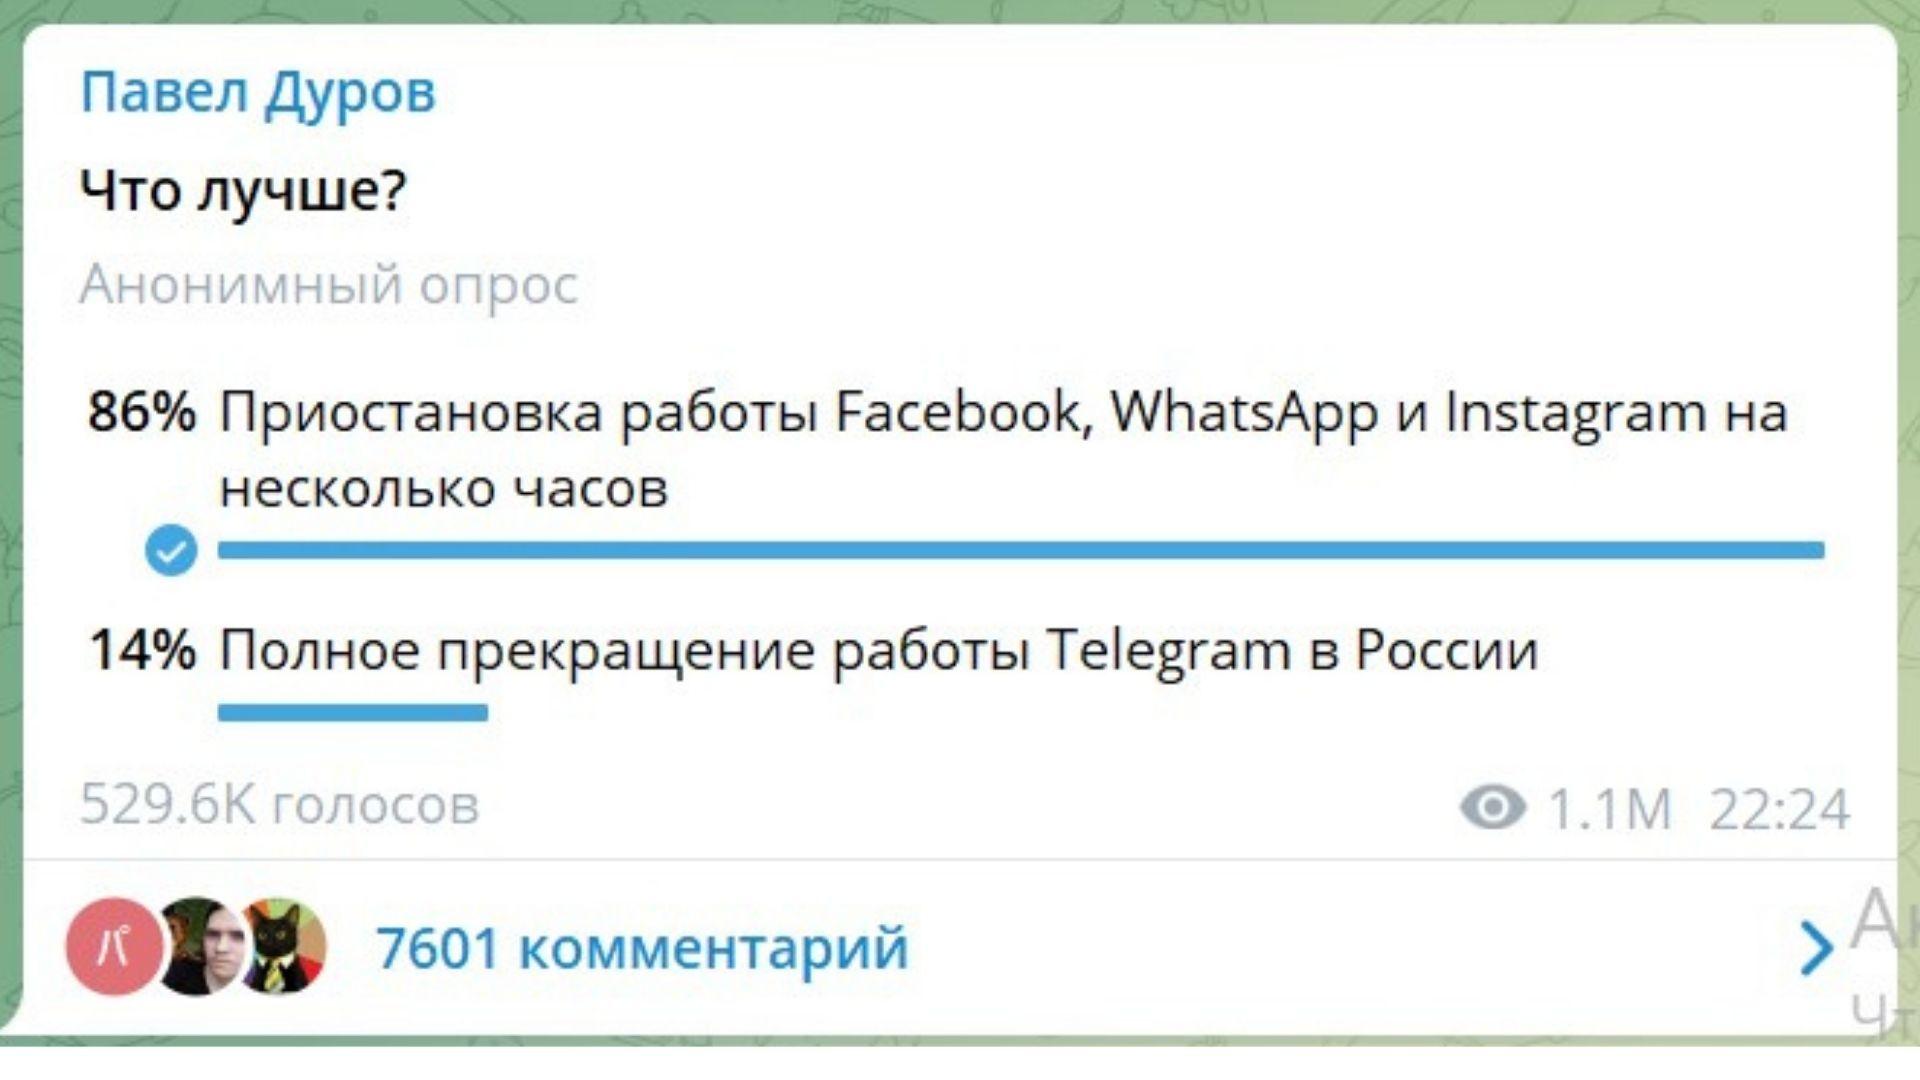 Опрос Павла Дурова в Телеграме подтверждает – 86 % участников готовы потерпеть пару часов без Фейсбука и Инстаграма, лишь бы Телеграм был жив и здоров ныне, и присно, и во веки веков